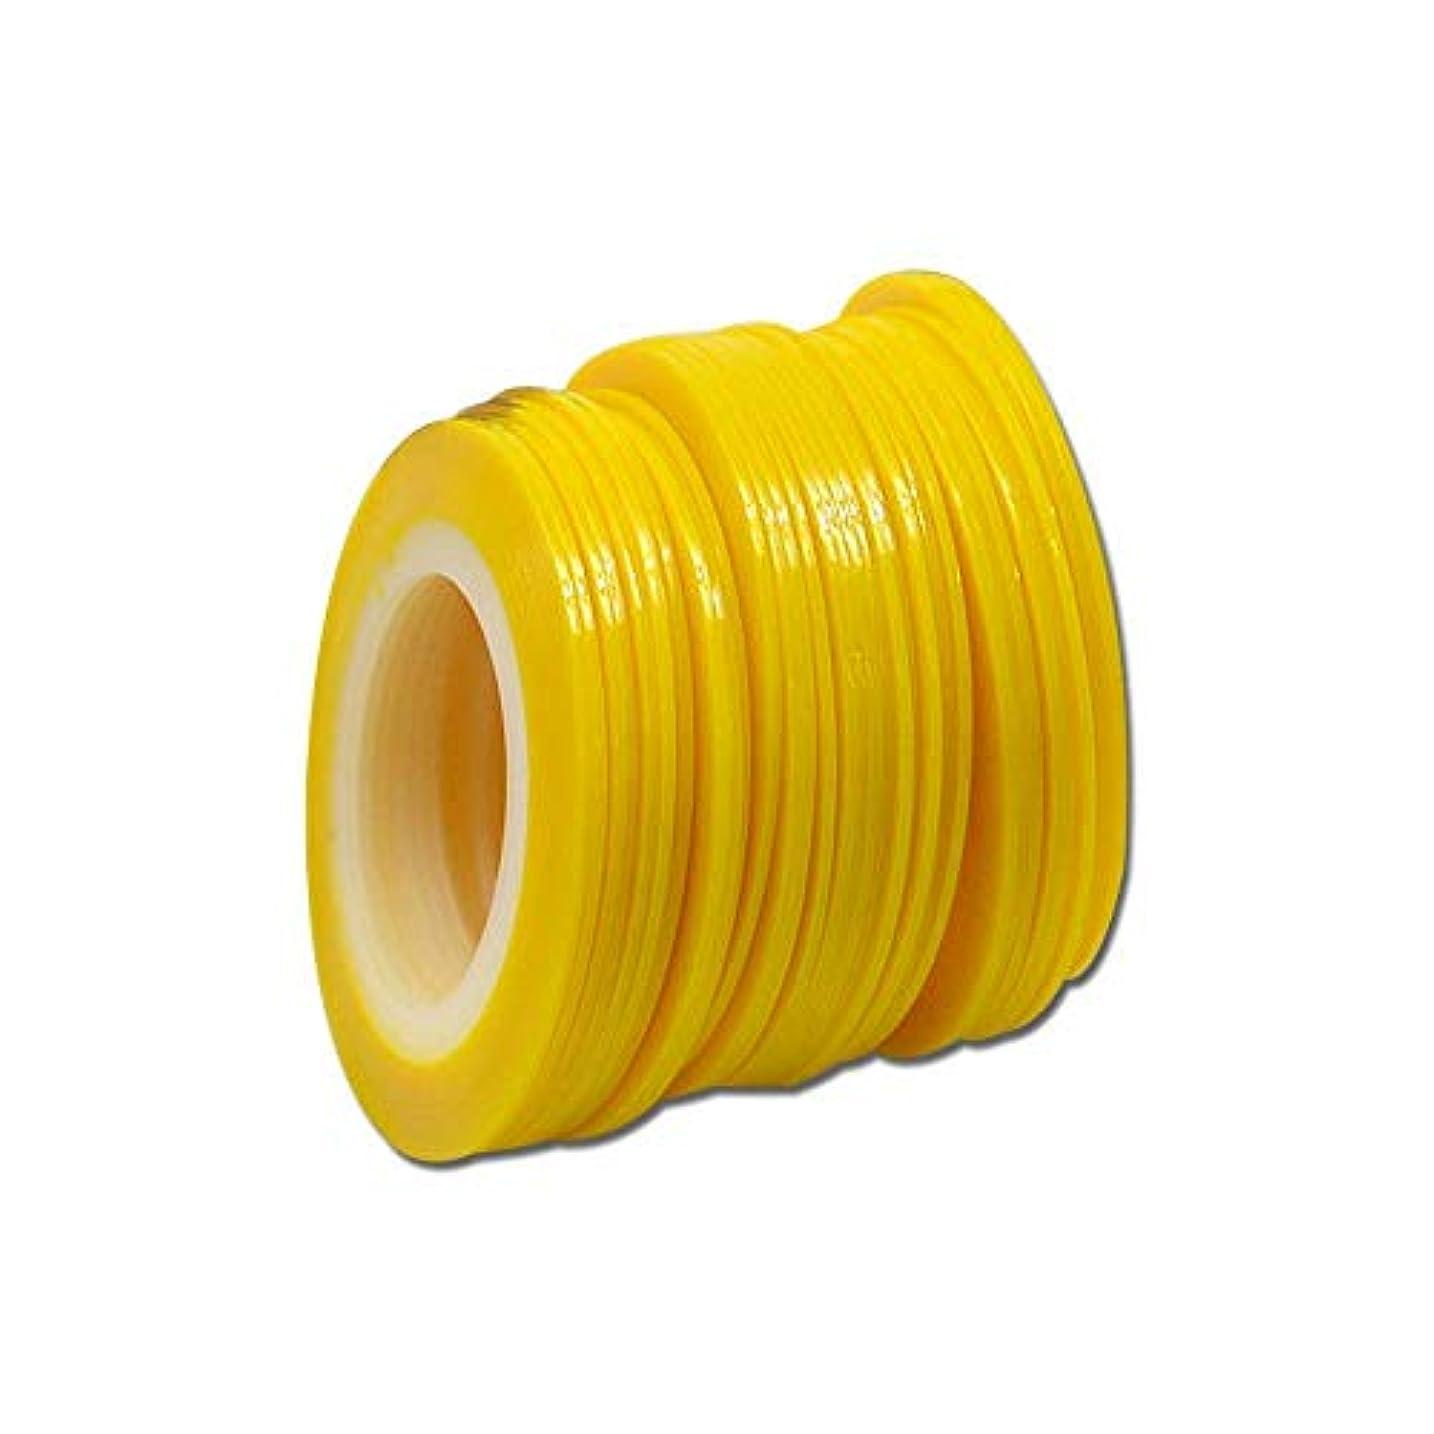 分離する昼寝不承認SUKTI&XIAO ネイルステッカー 100個1ミリメートル色蛍光ストライプライン美容のヒントネイルステッカーネイルアートロールストライピング、黄色